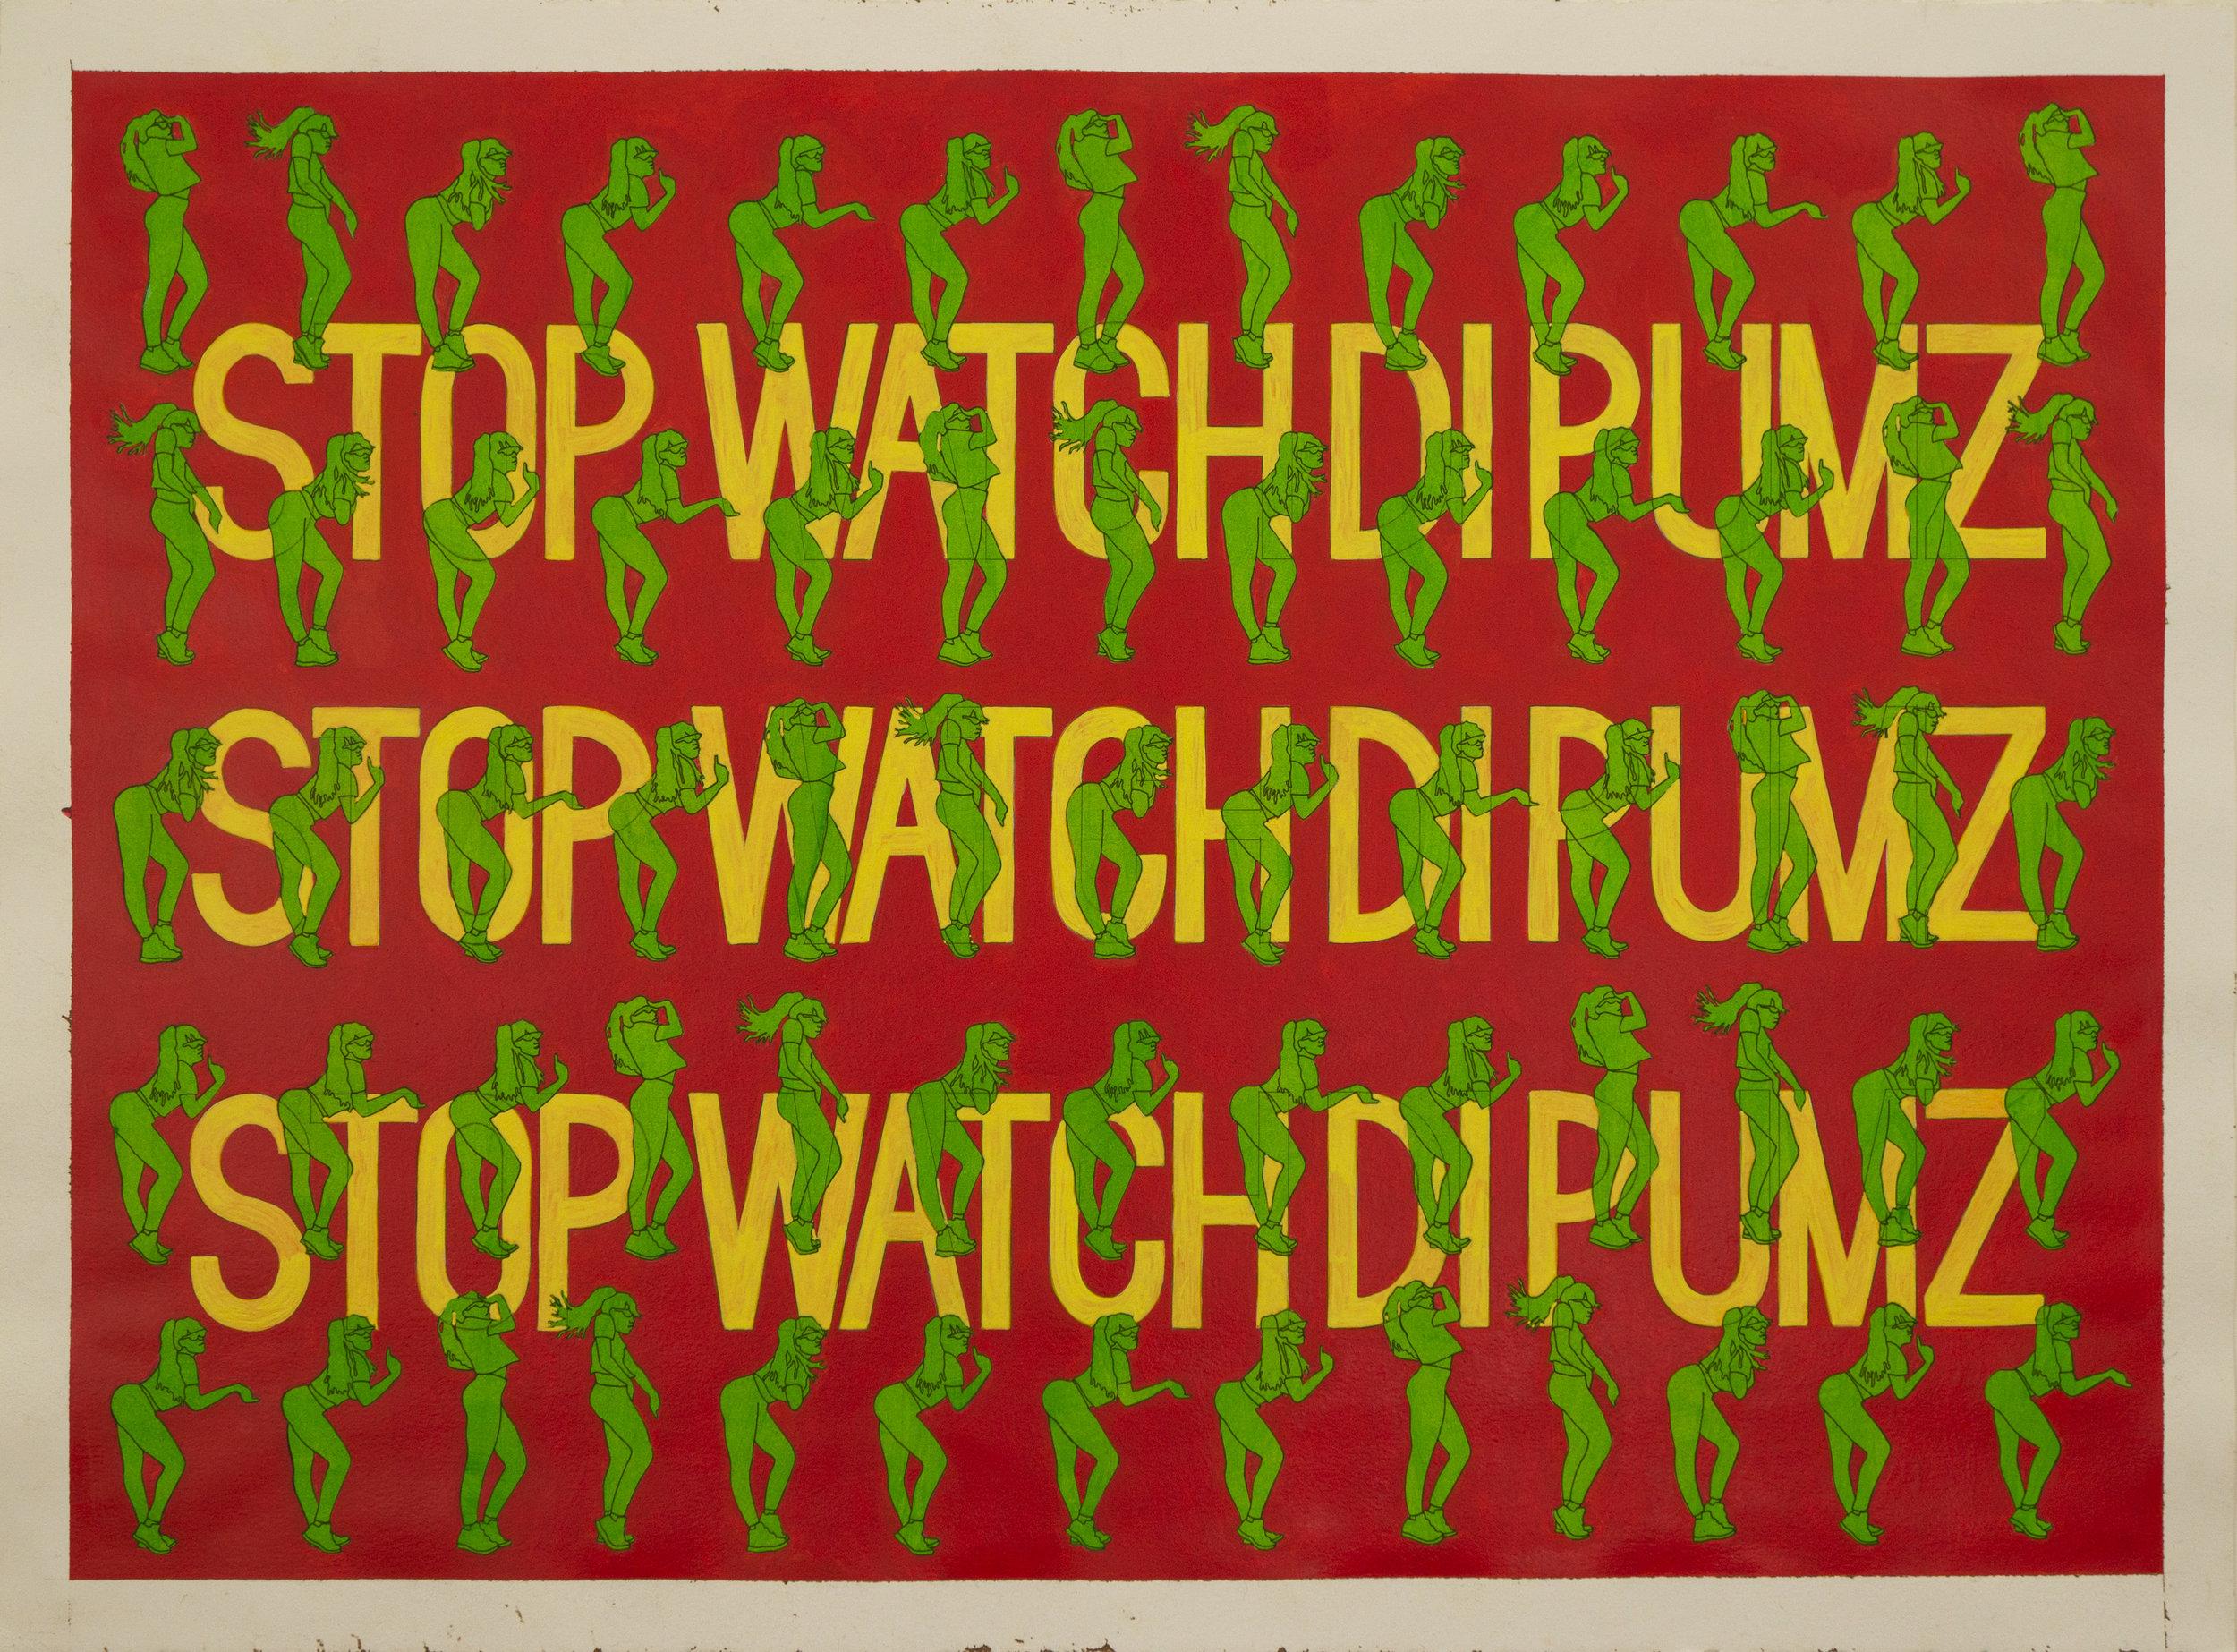 Stop Watch Di Pumz